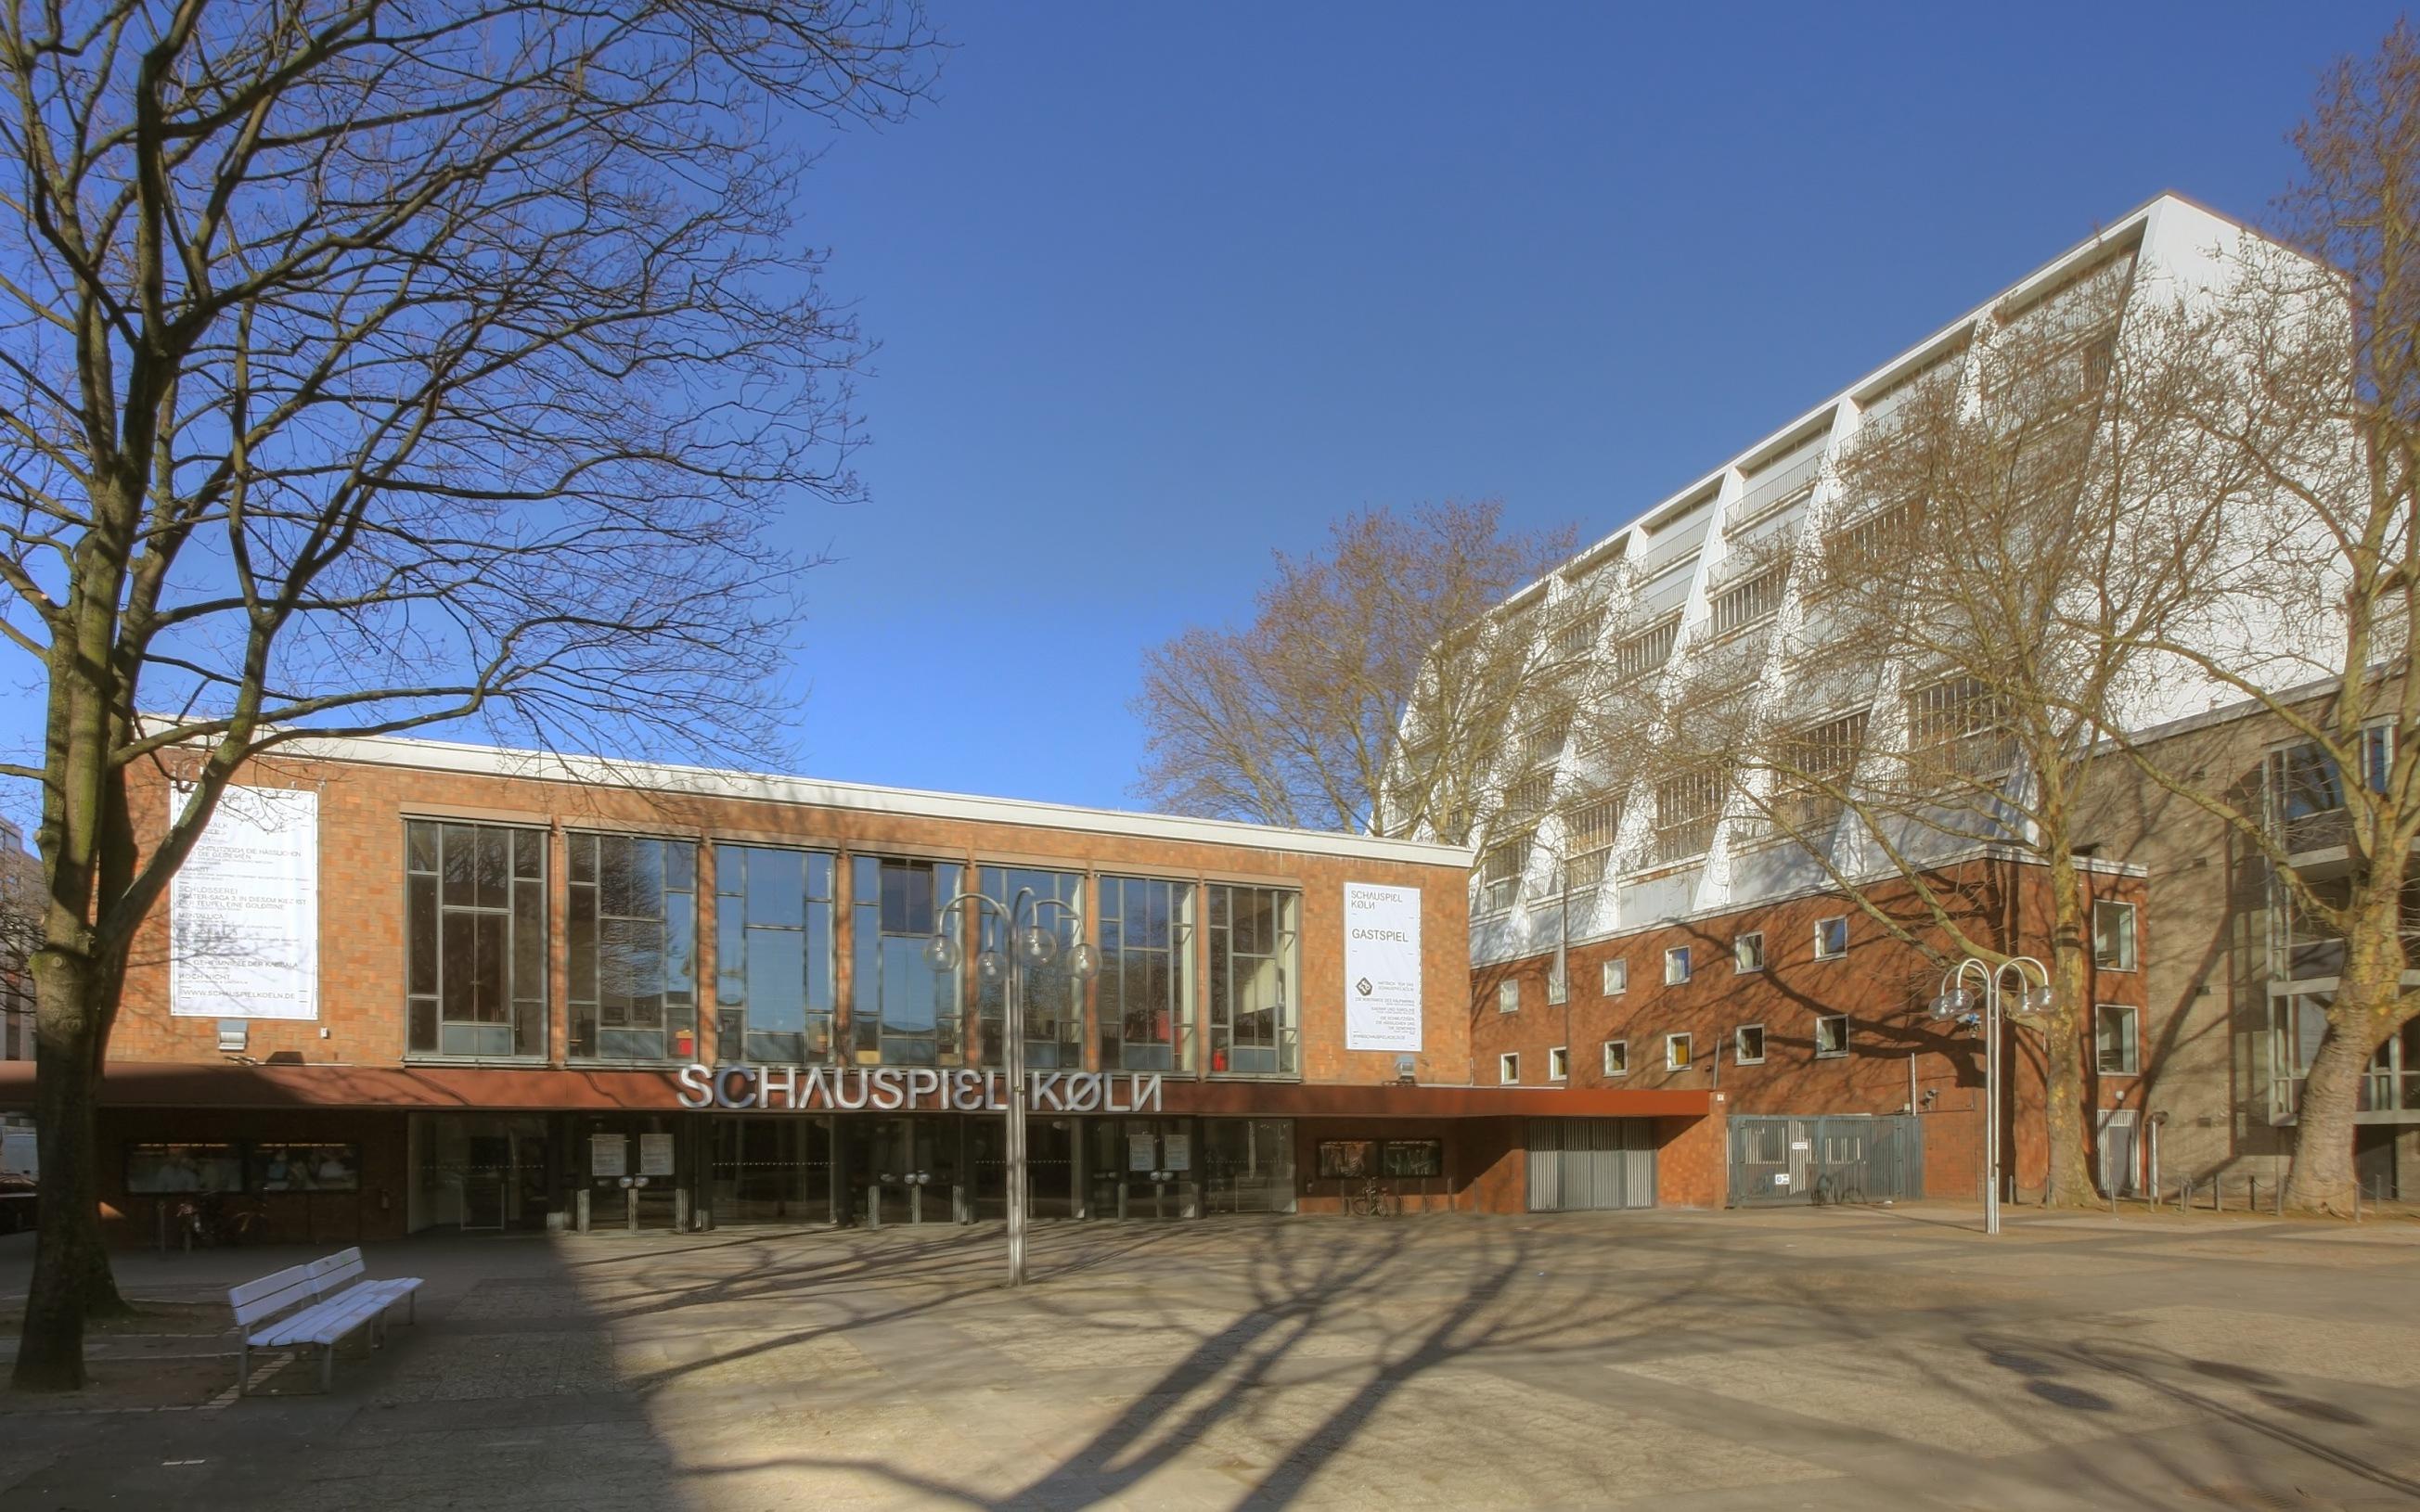 Schauspiel Köln, im Hintergrund die Oper Köln. Architekt beider Gebäude: Wilhelm Riphahn